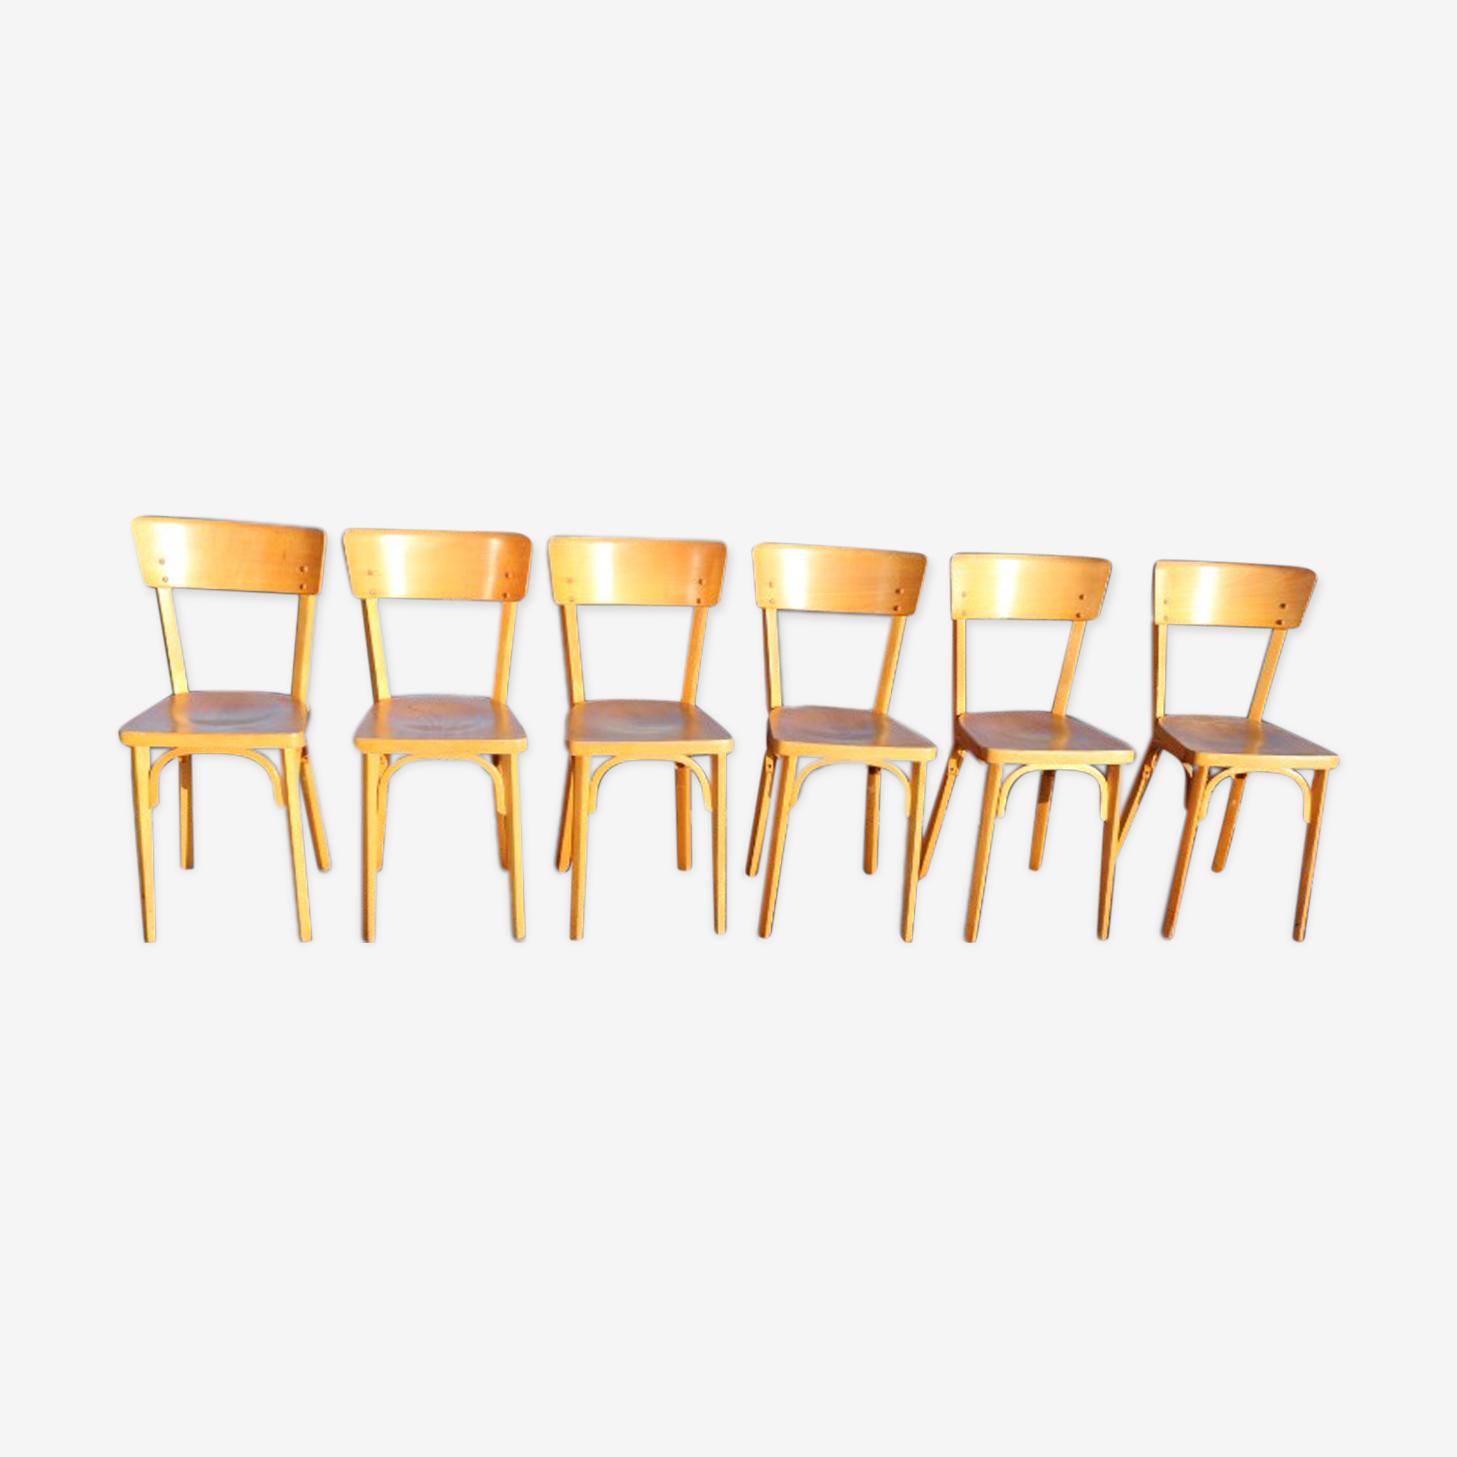 6 chaises Baumann n°24 hêtre clair